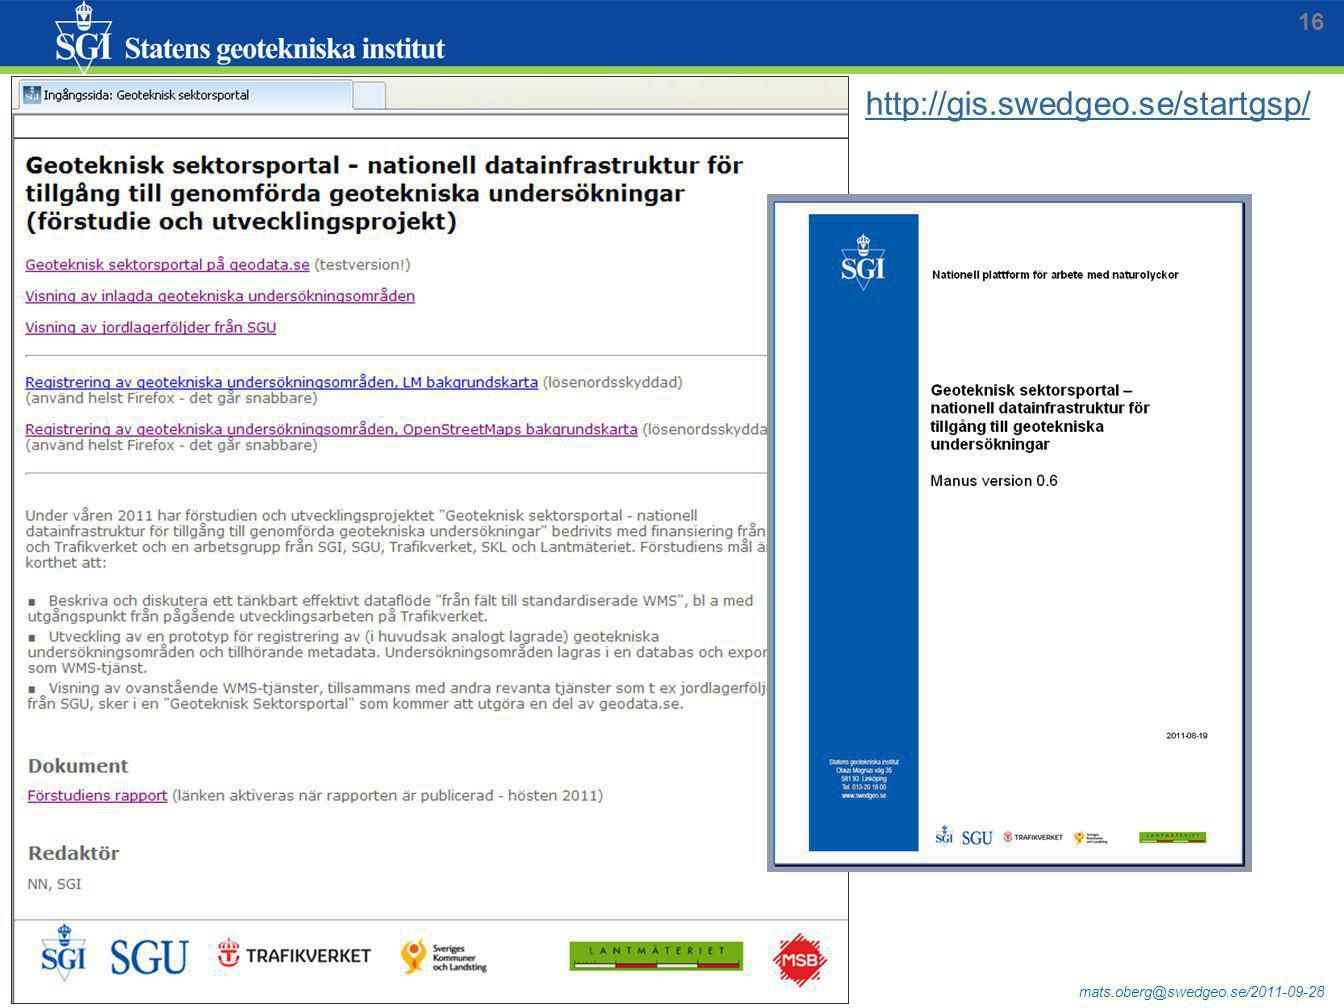 mats.oberg@swedgeo.se/2011-09-28 http://gis.swedgeo.se/startgsp/ 16